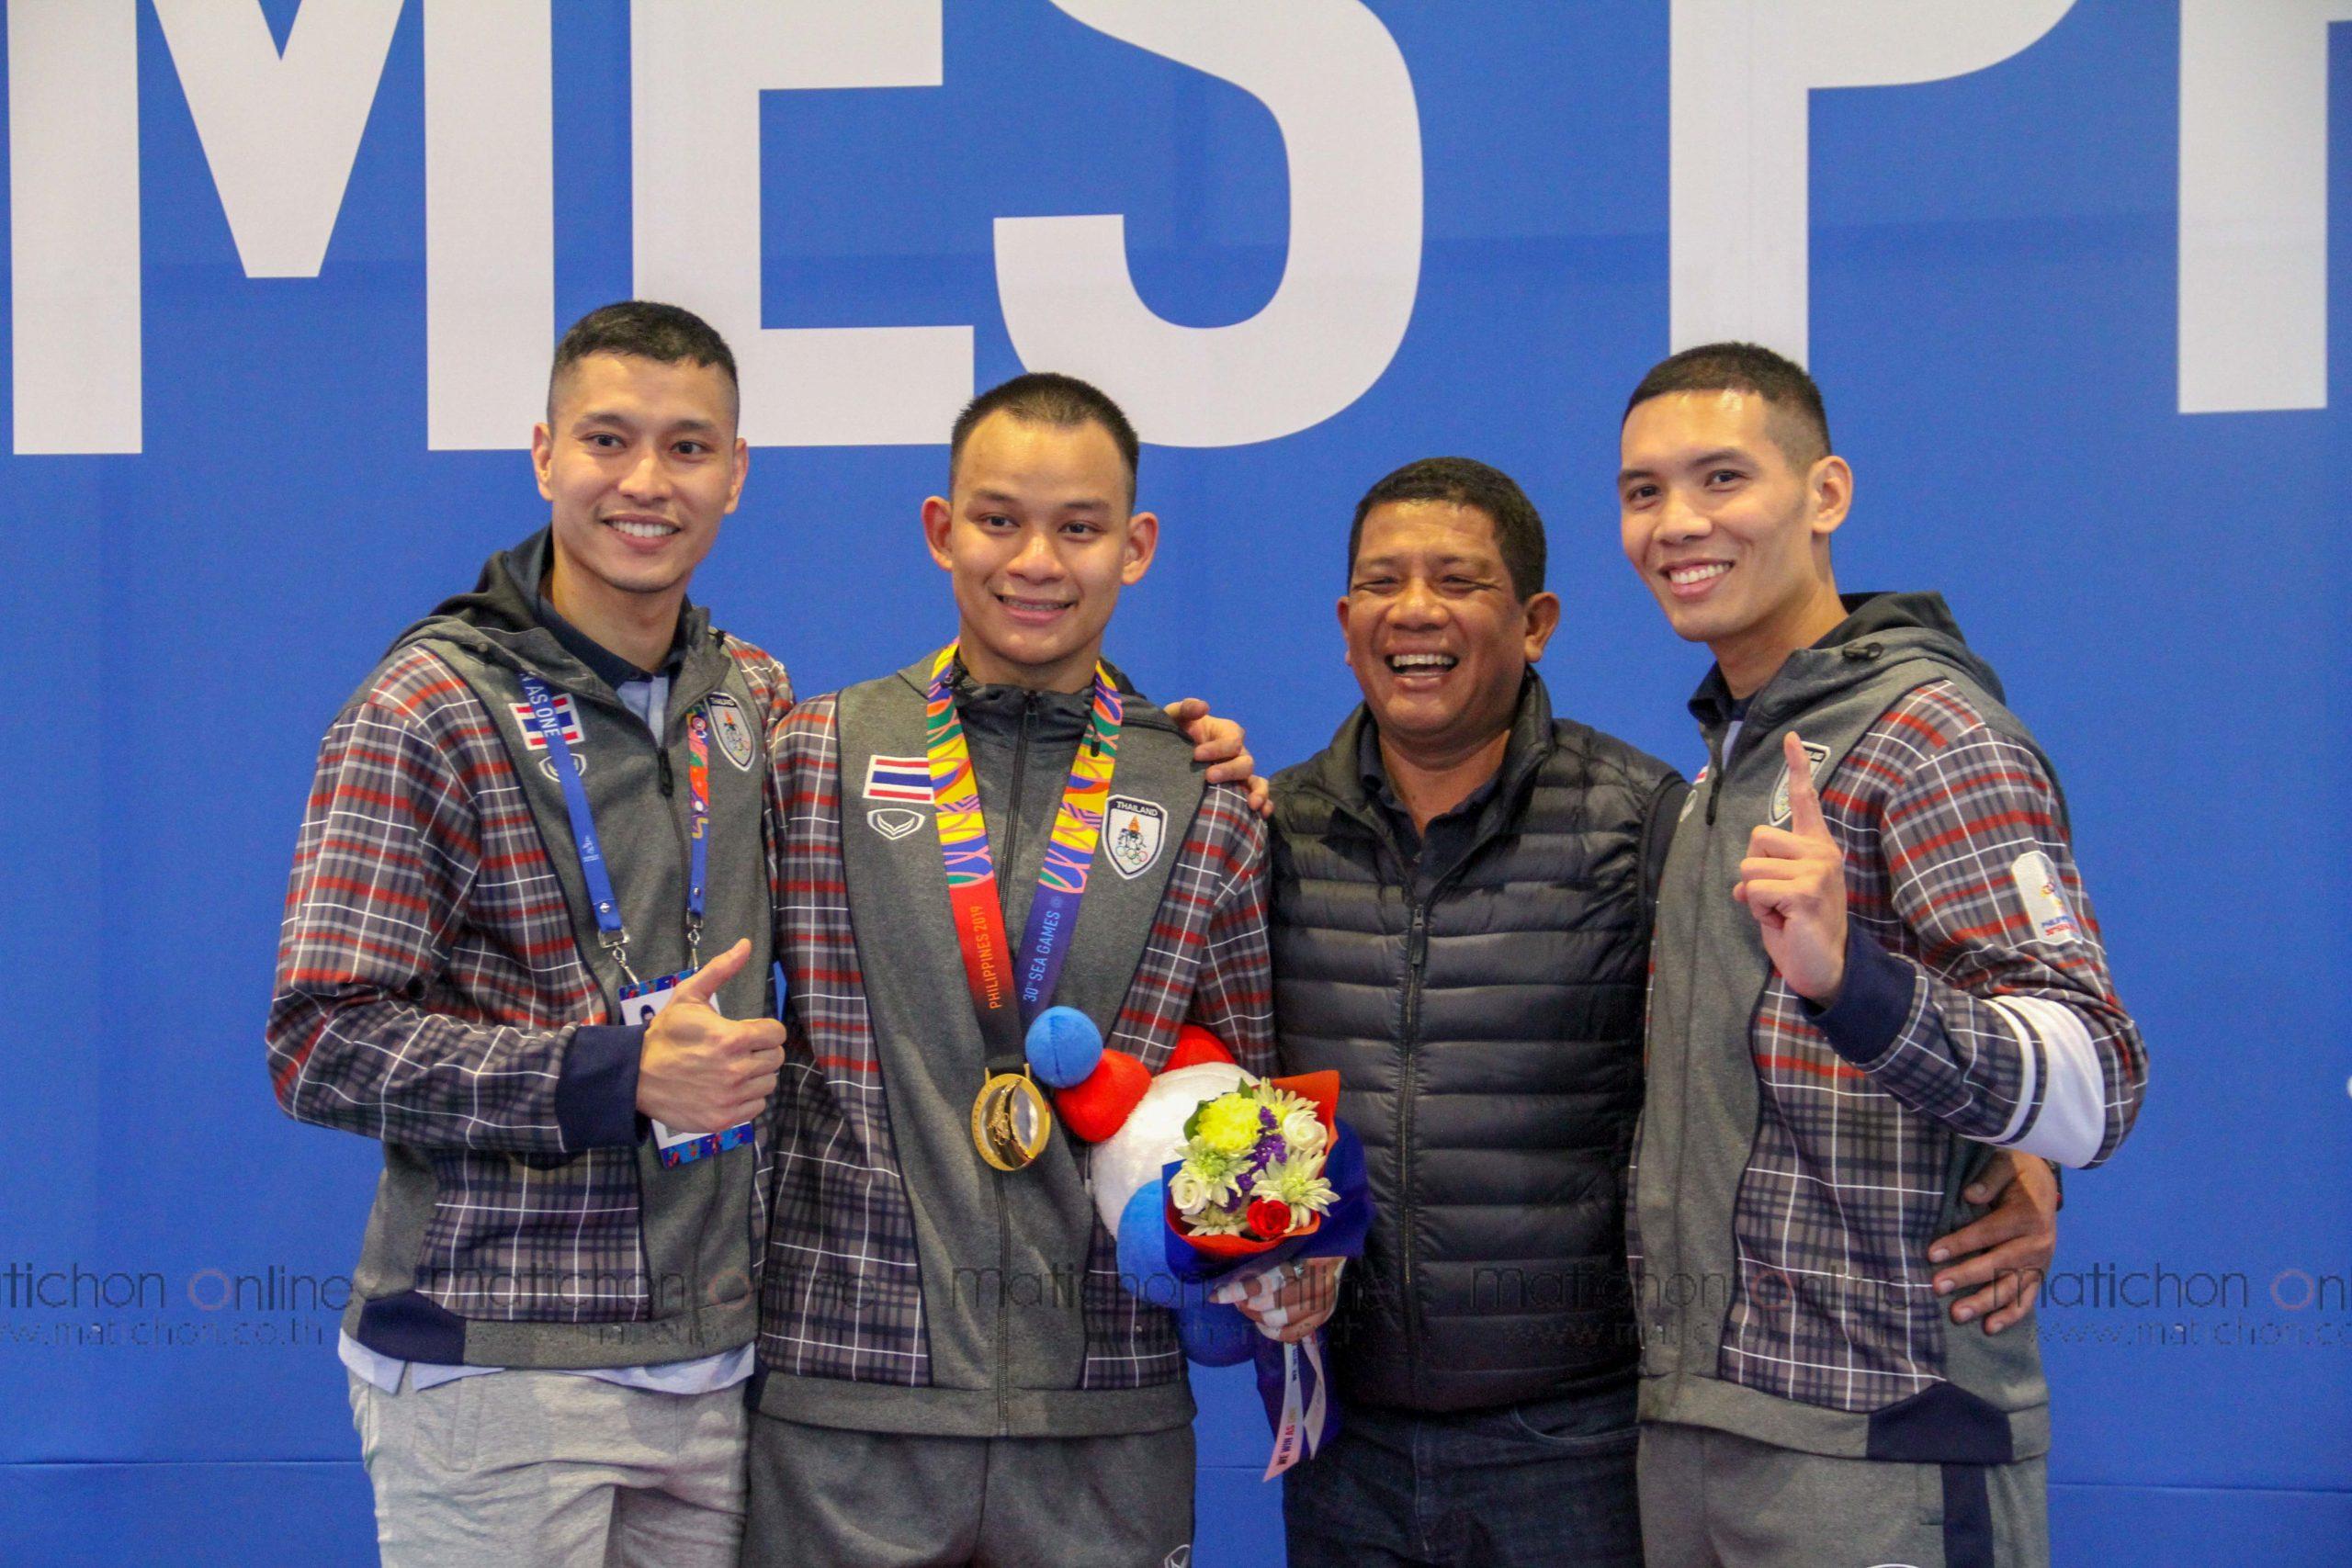 เดือด! ชลณสัล นักฟันดาบทีมชาติไทย โพสต์คลิปโต้คารมปมเกือบชนท้าย